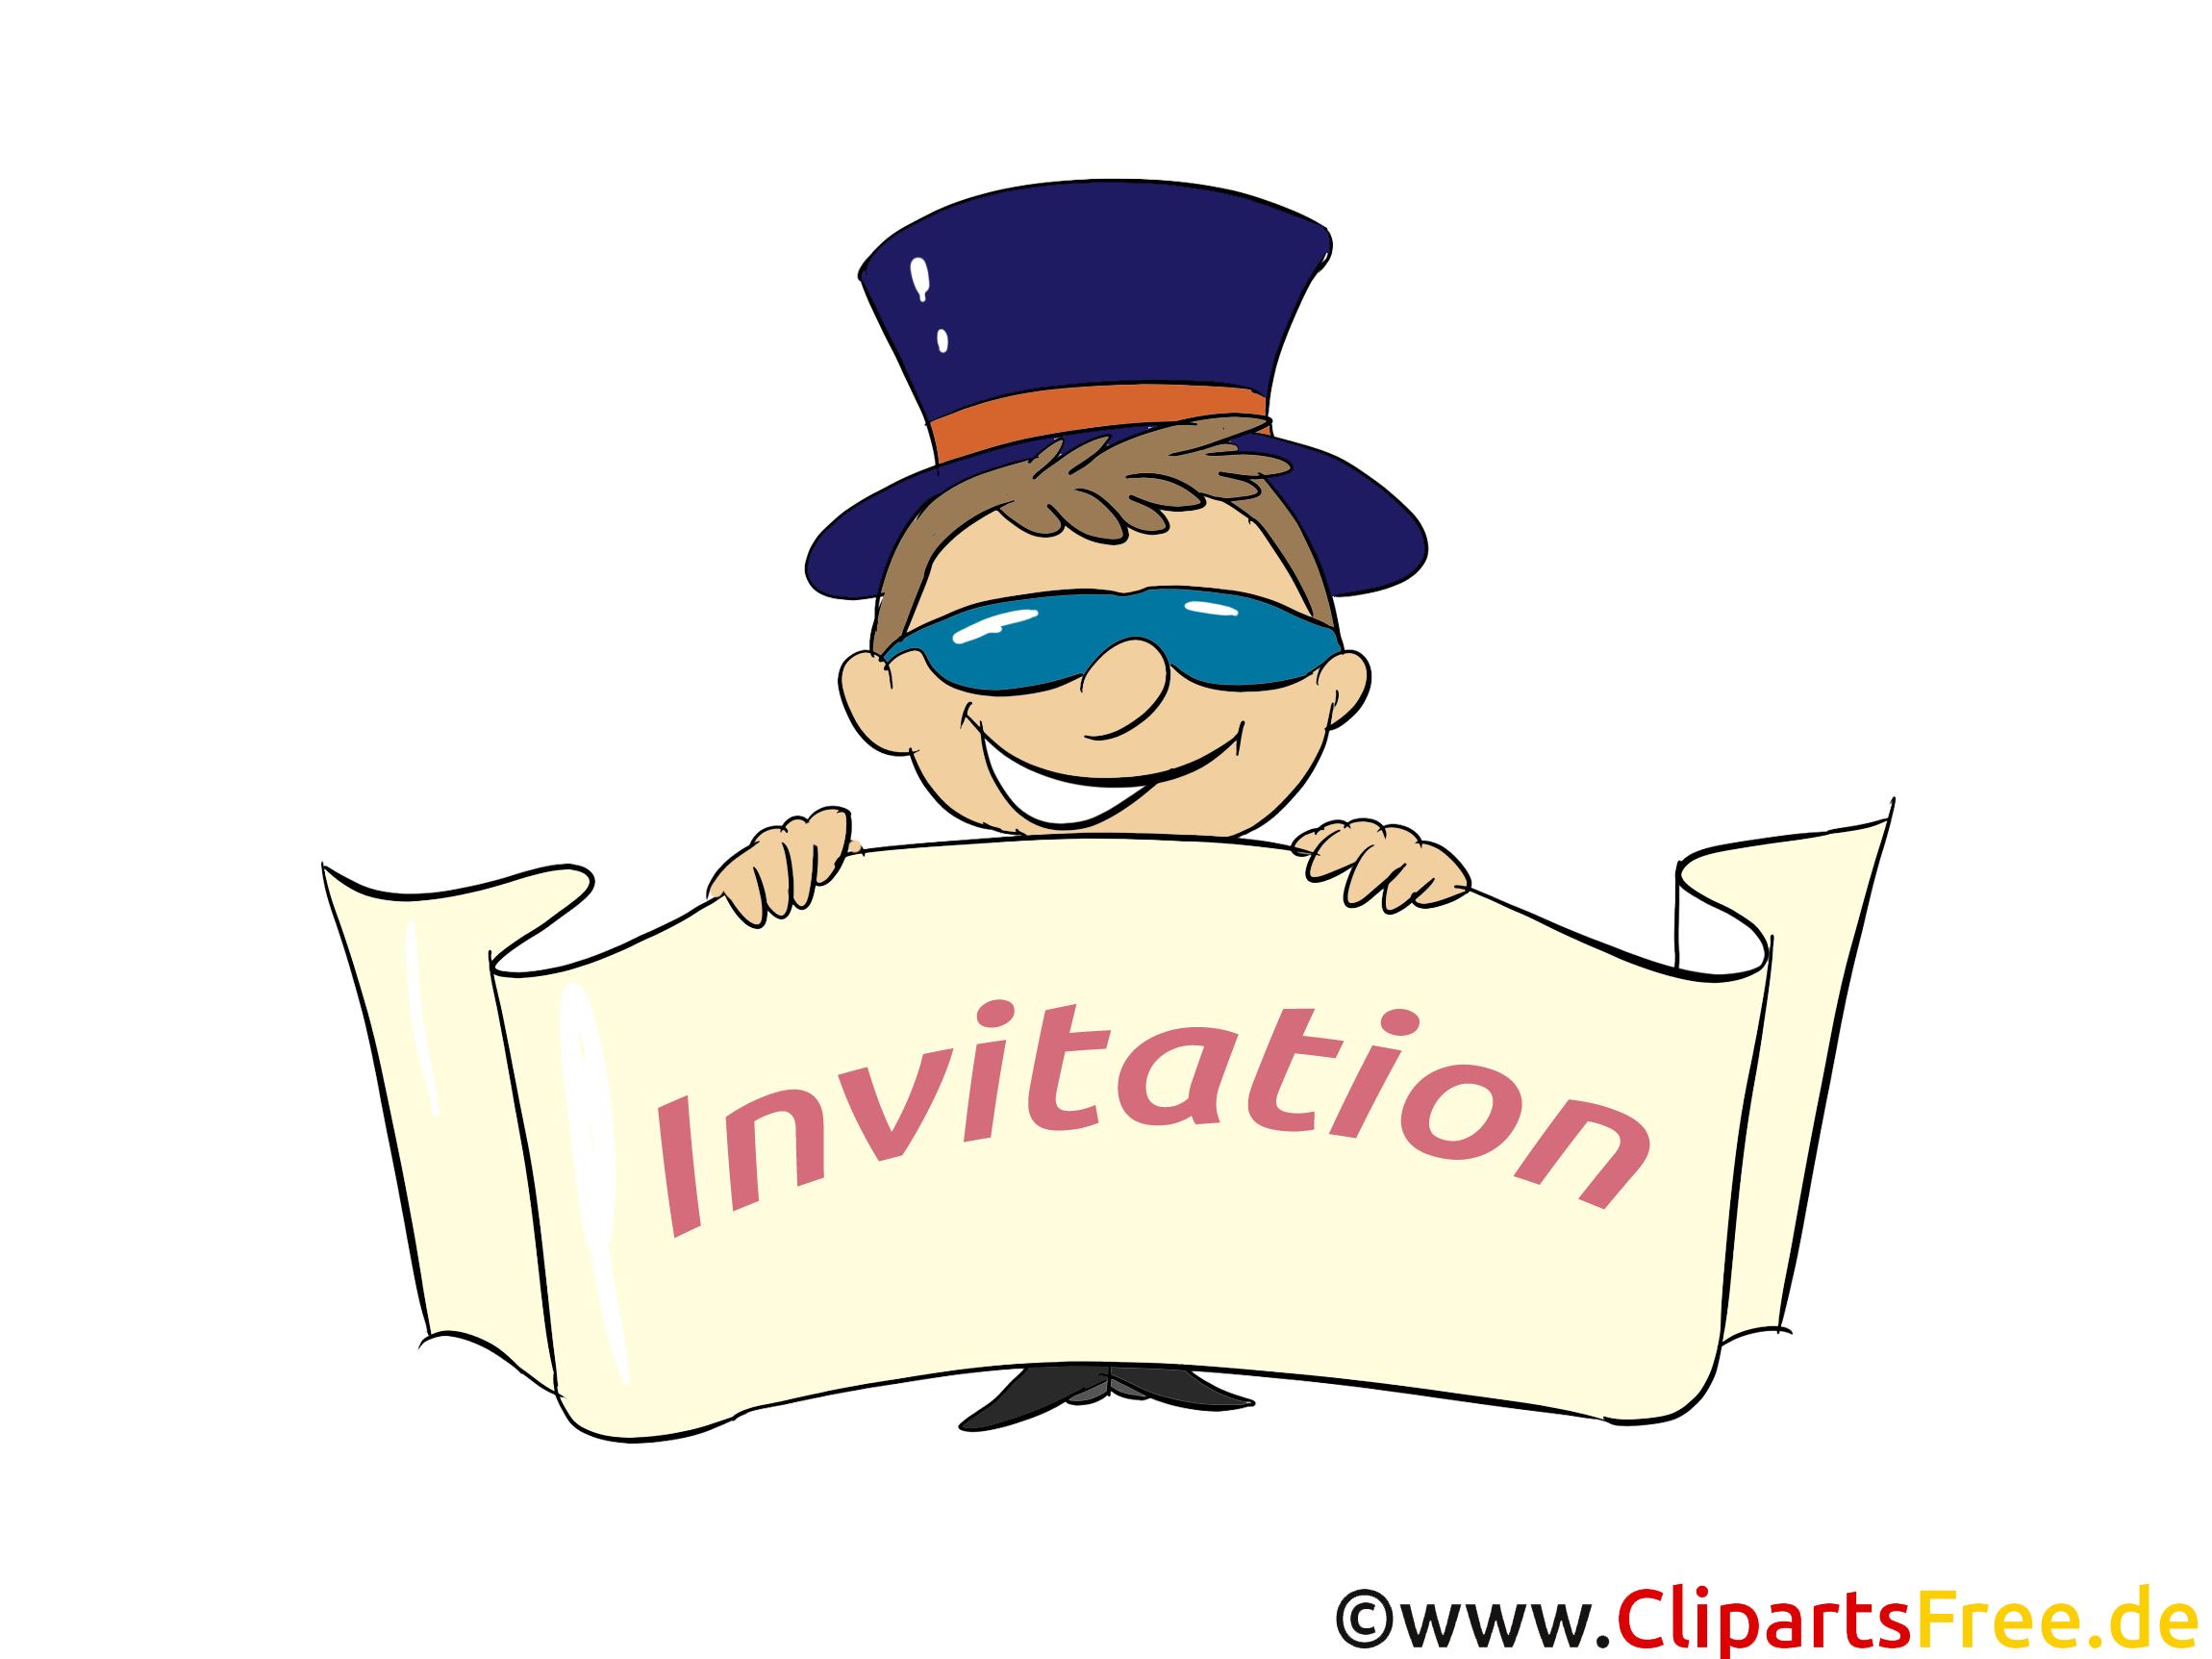 Gar on invitation illustration t l charger gratuite invitations dessin picture image - Dessin invitation ...